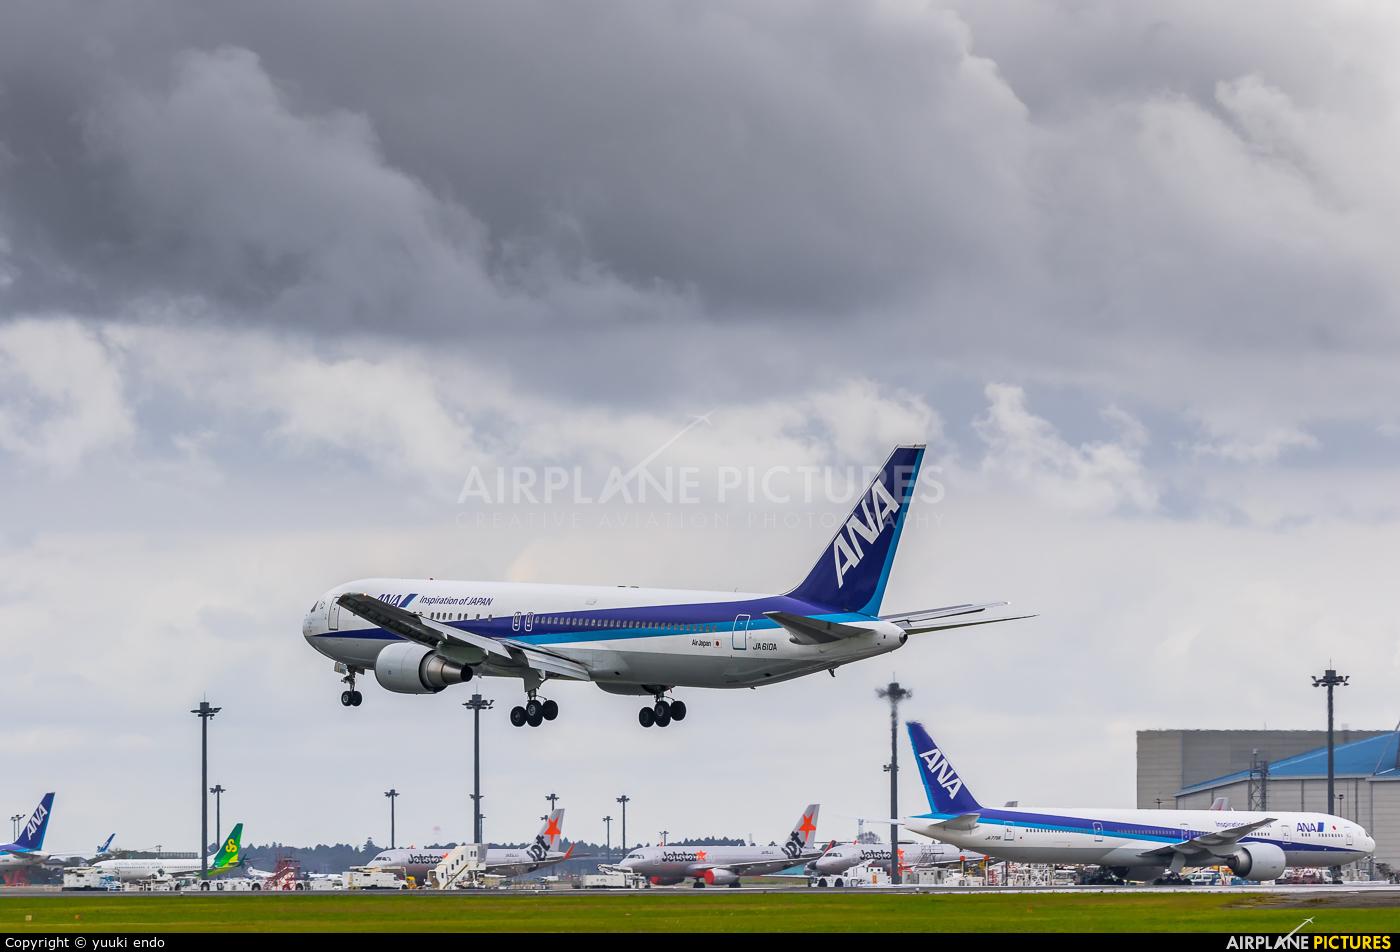 ANA - All Nippon Airways JA610A aircraft at Tokyo - Narita Intl